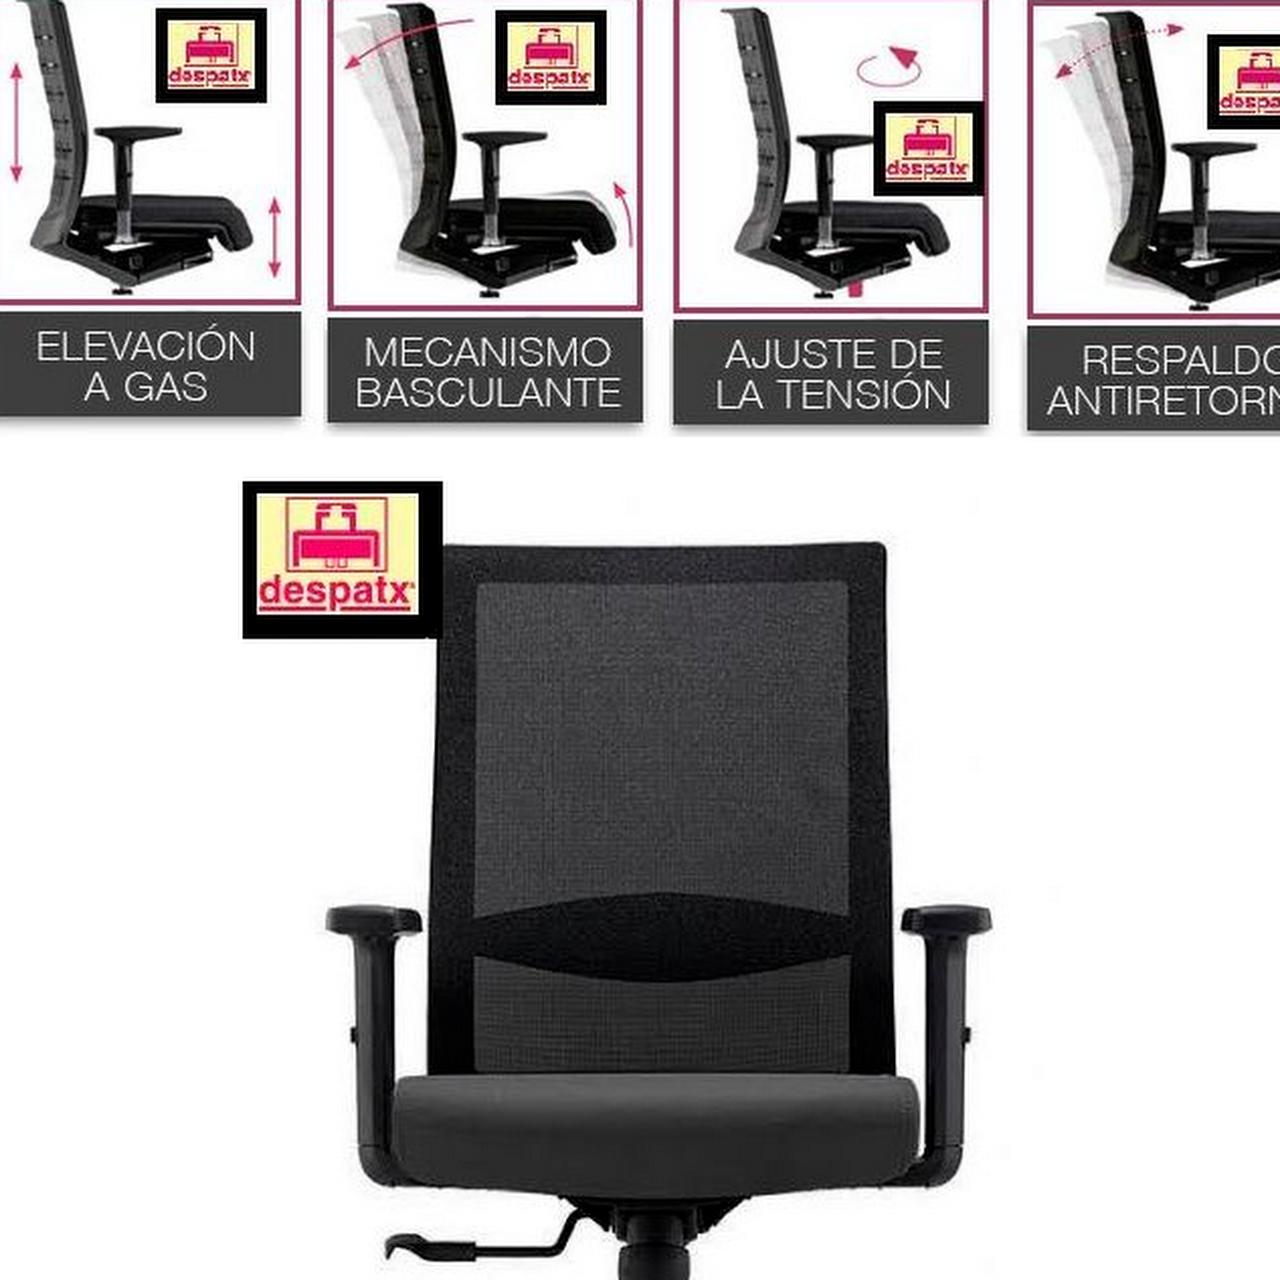 Tienda Y OficinaServicio Mobiliario De Silleria Despatx JT1FclK